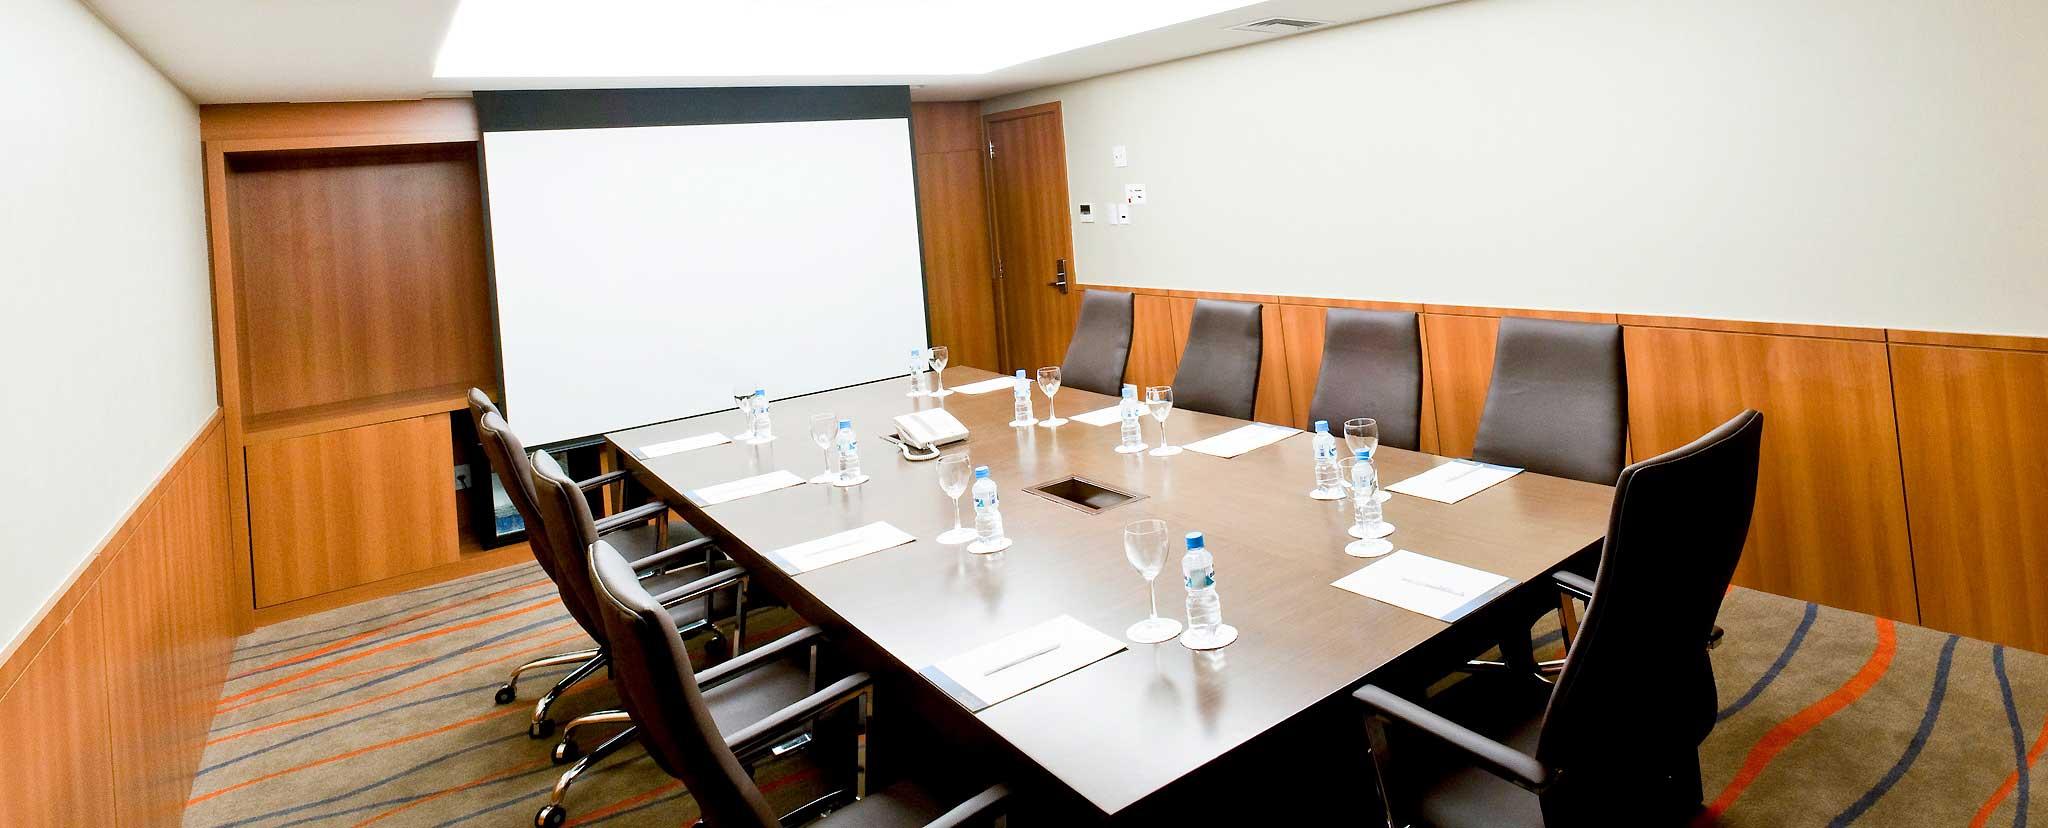 Novotel Rio de Janeiro Santos Dumont Pomieszczenie konferencyjne